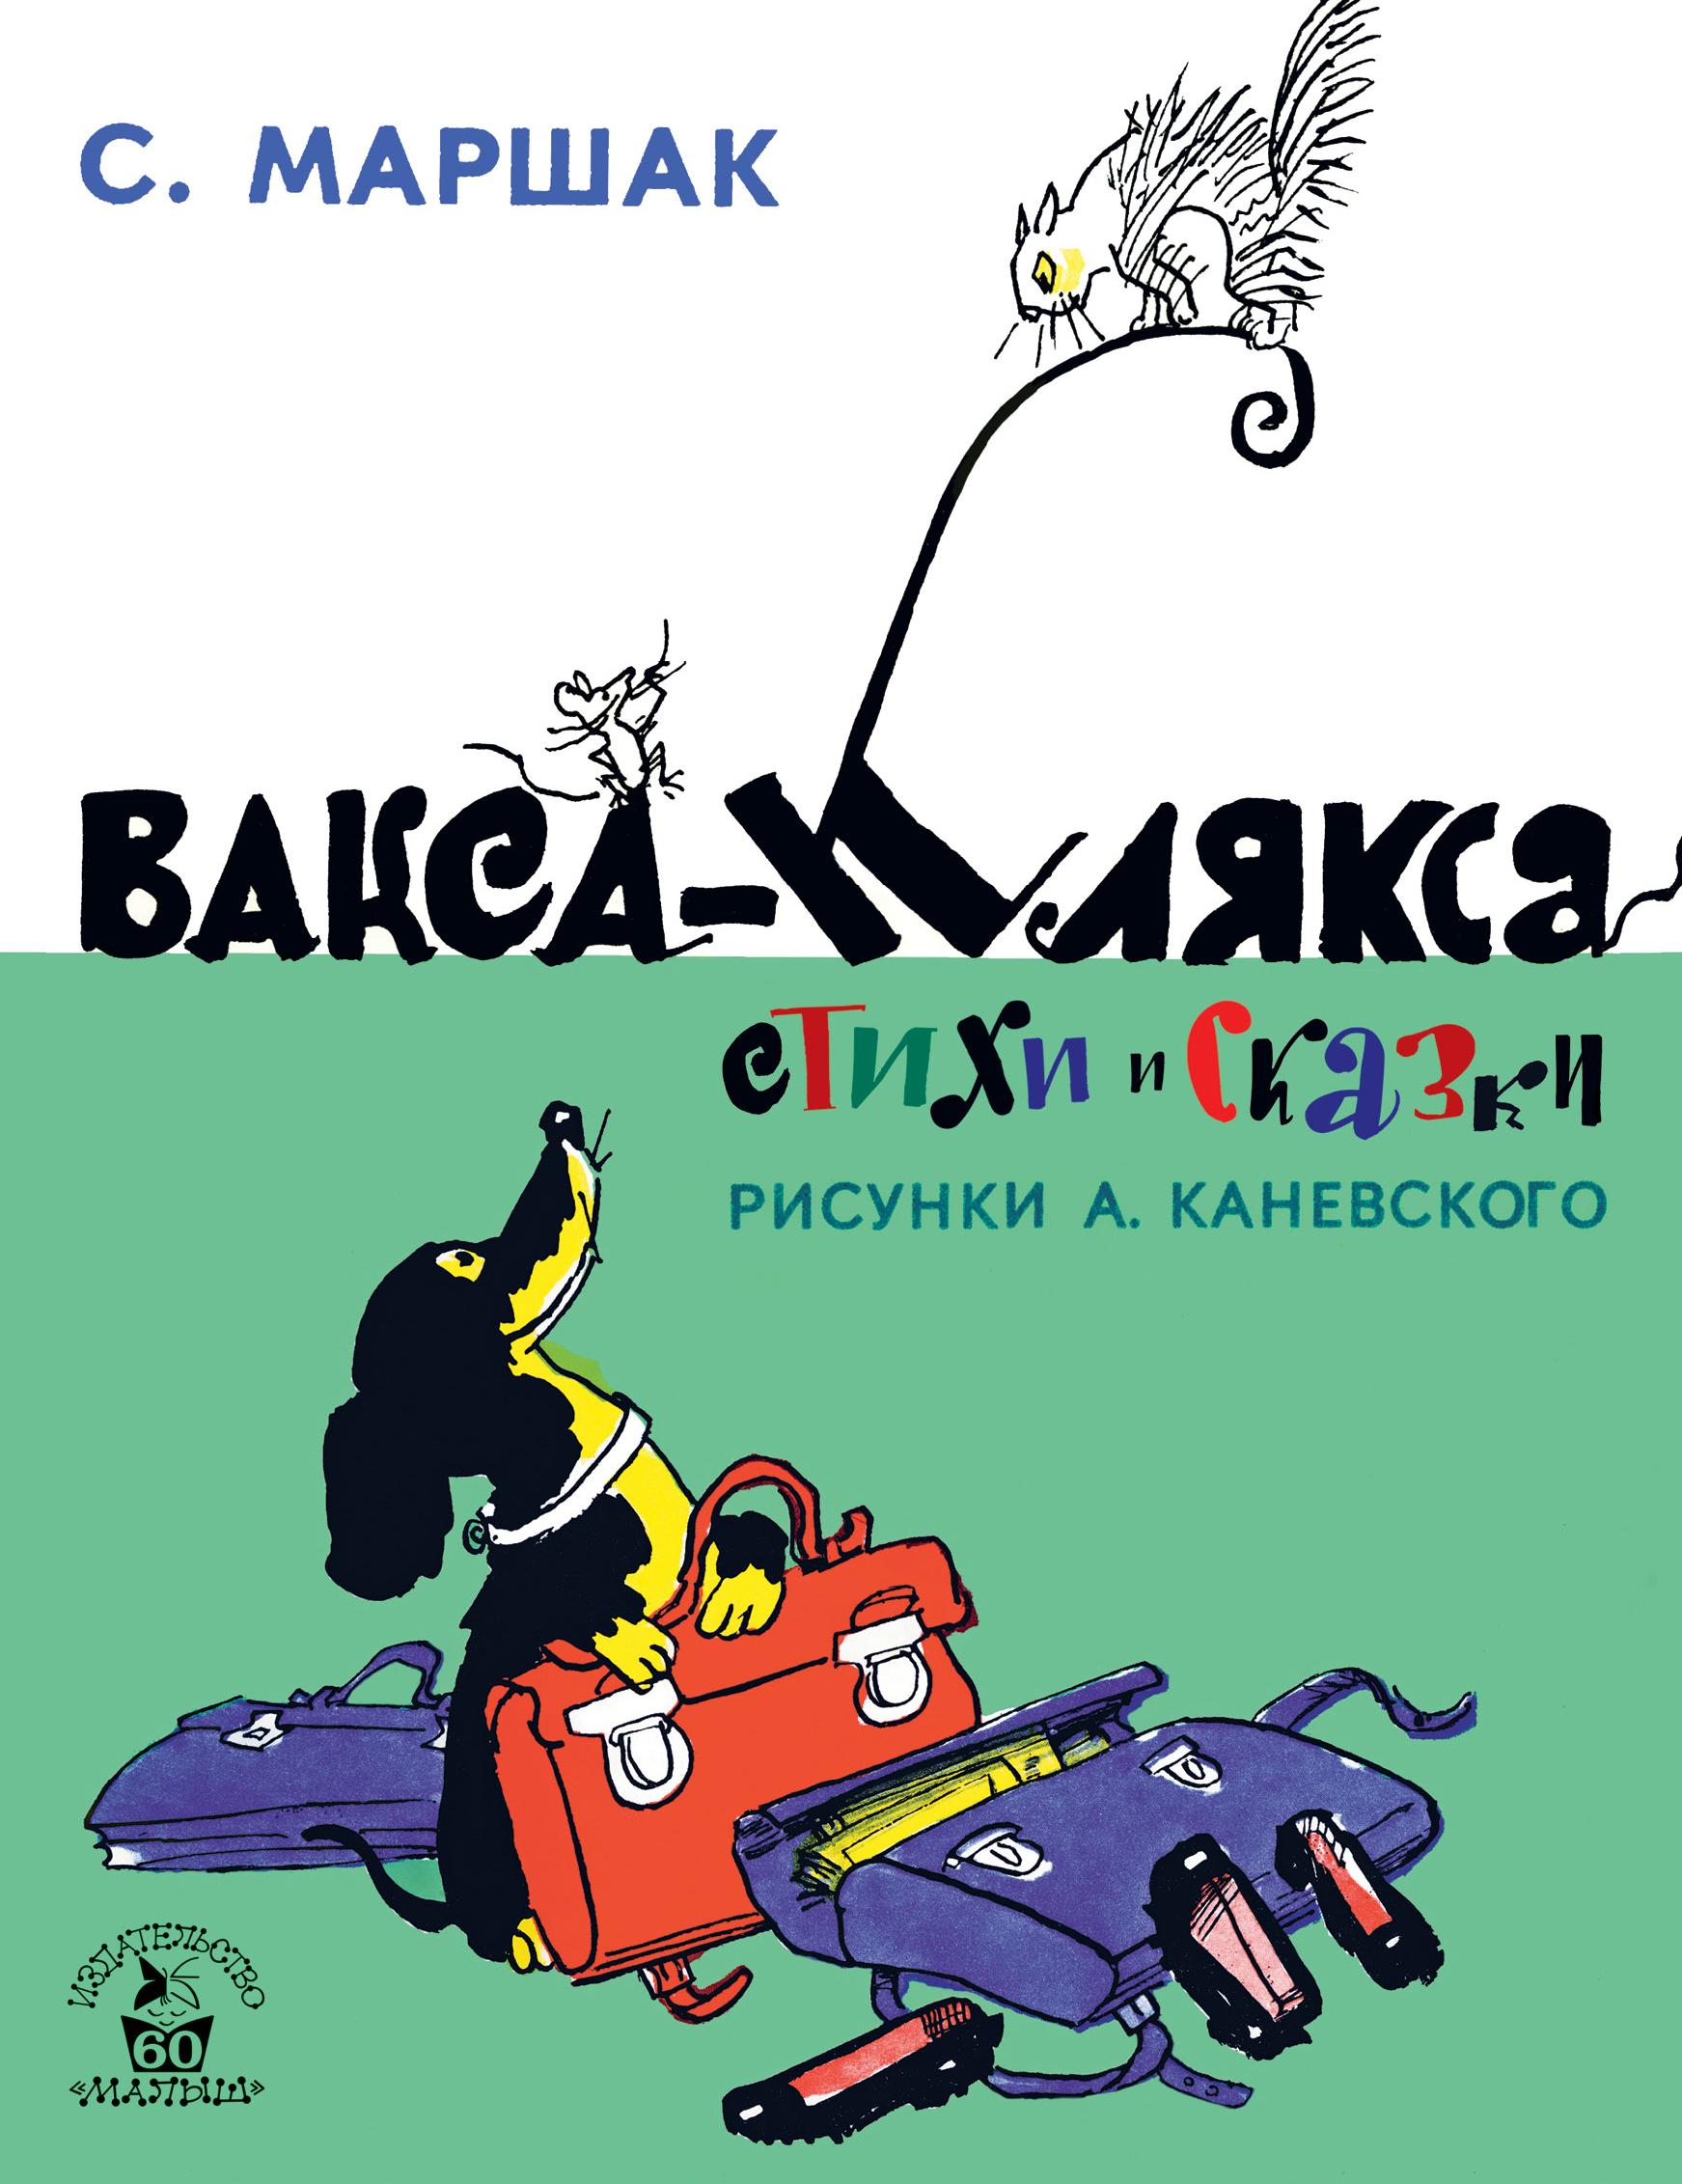 Маршак С.Я. Вакса-Клякса. Стихи и сказки ISBN: 978-5-17-102013-2 с маршак вакса клякса стихи и сказки